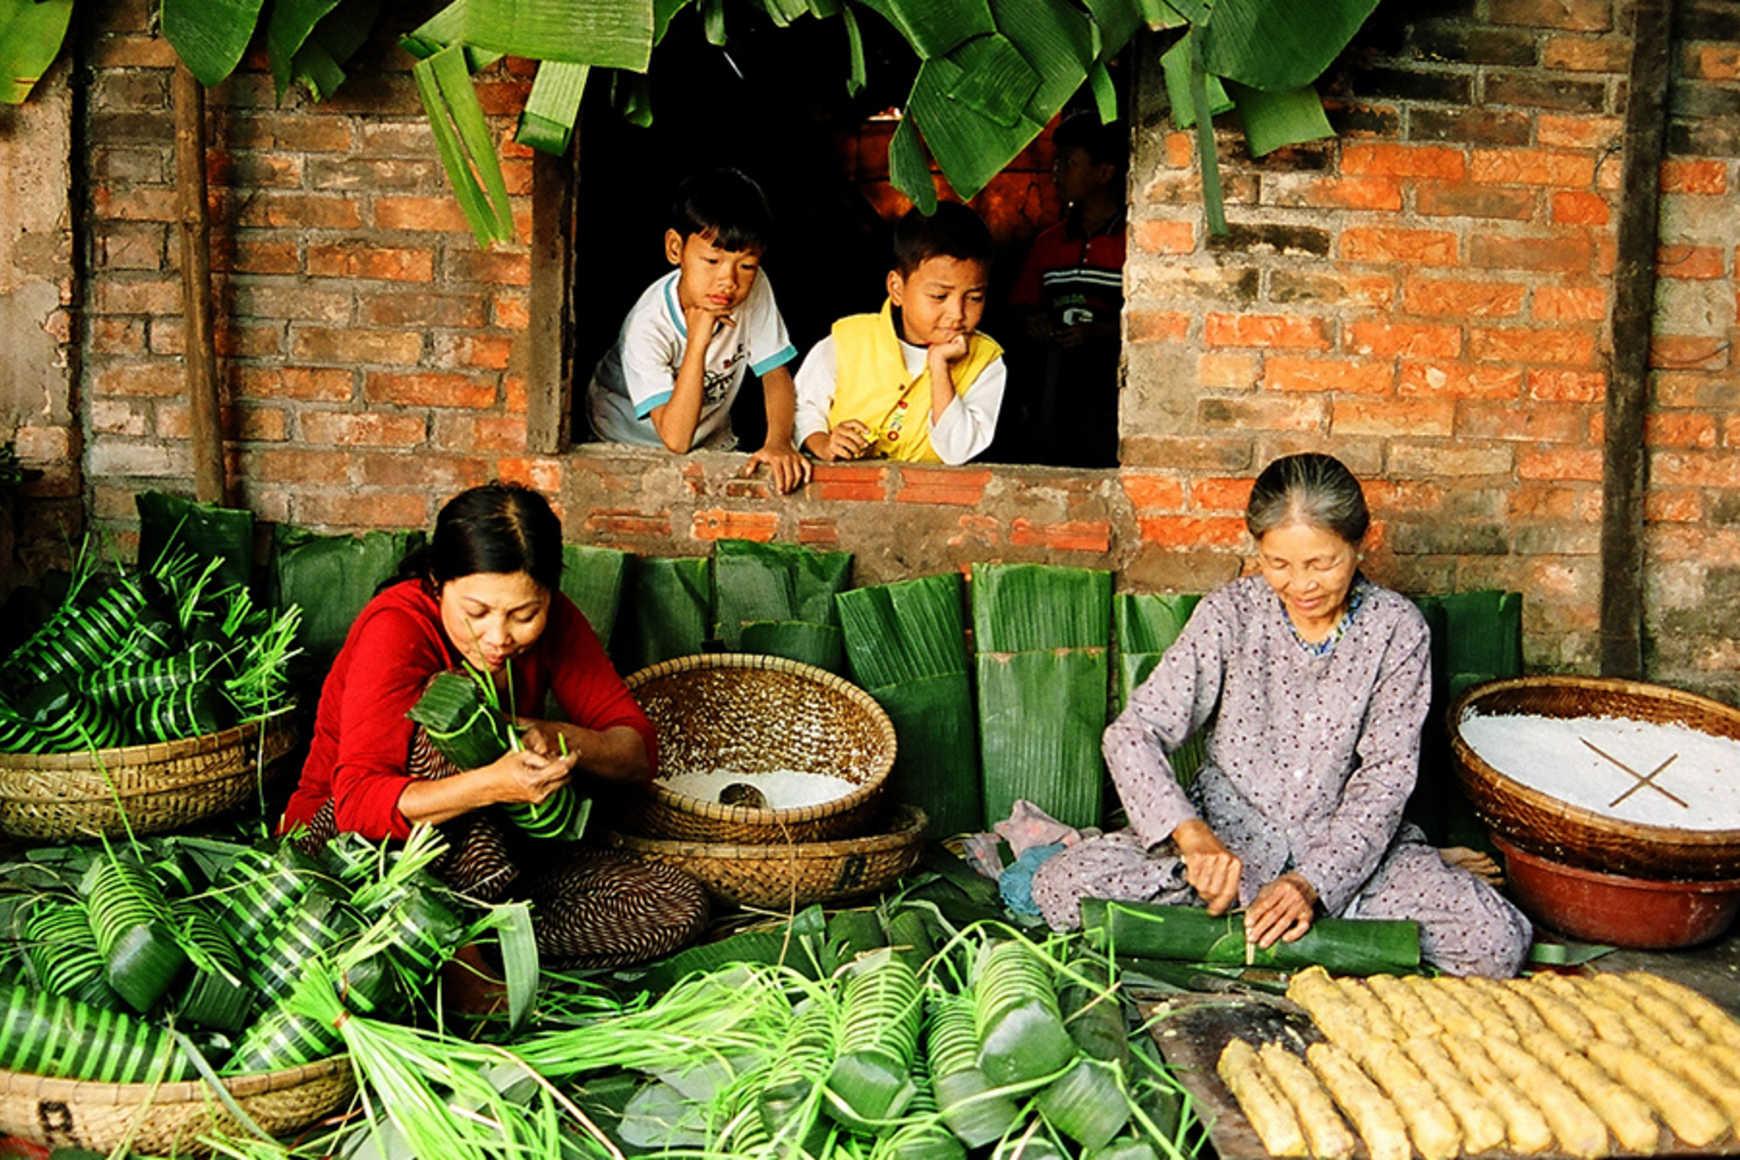 banh-tet-traditional-cake-vietnam